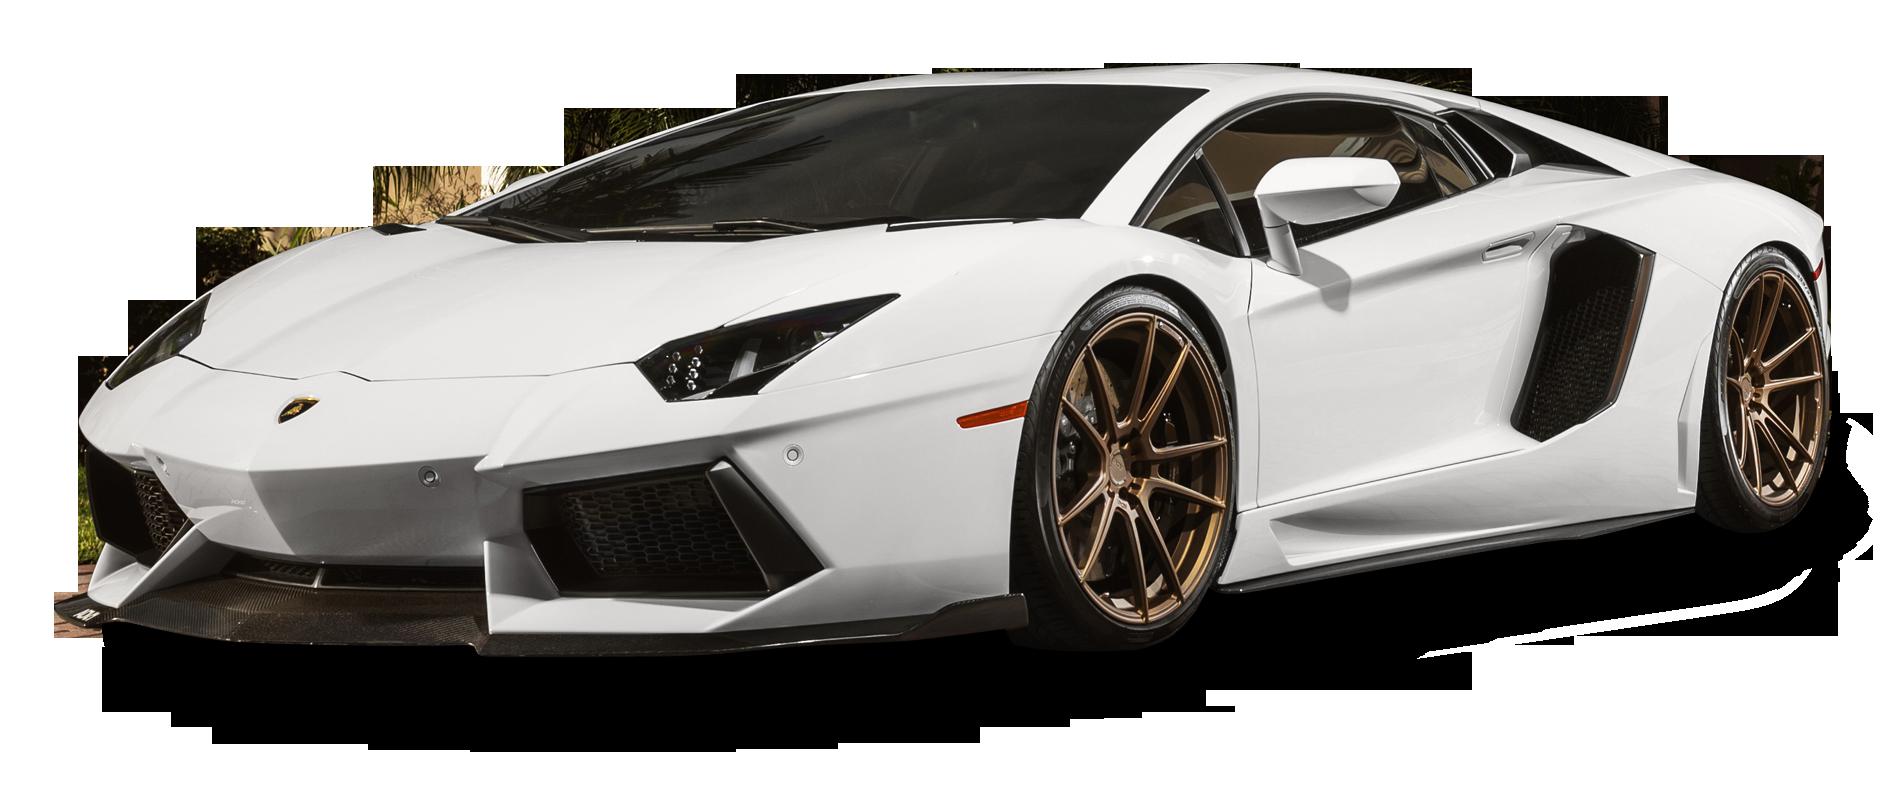 White Lamborghini Aventador Car PNG Image - Lamborghini PNG